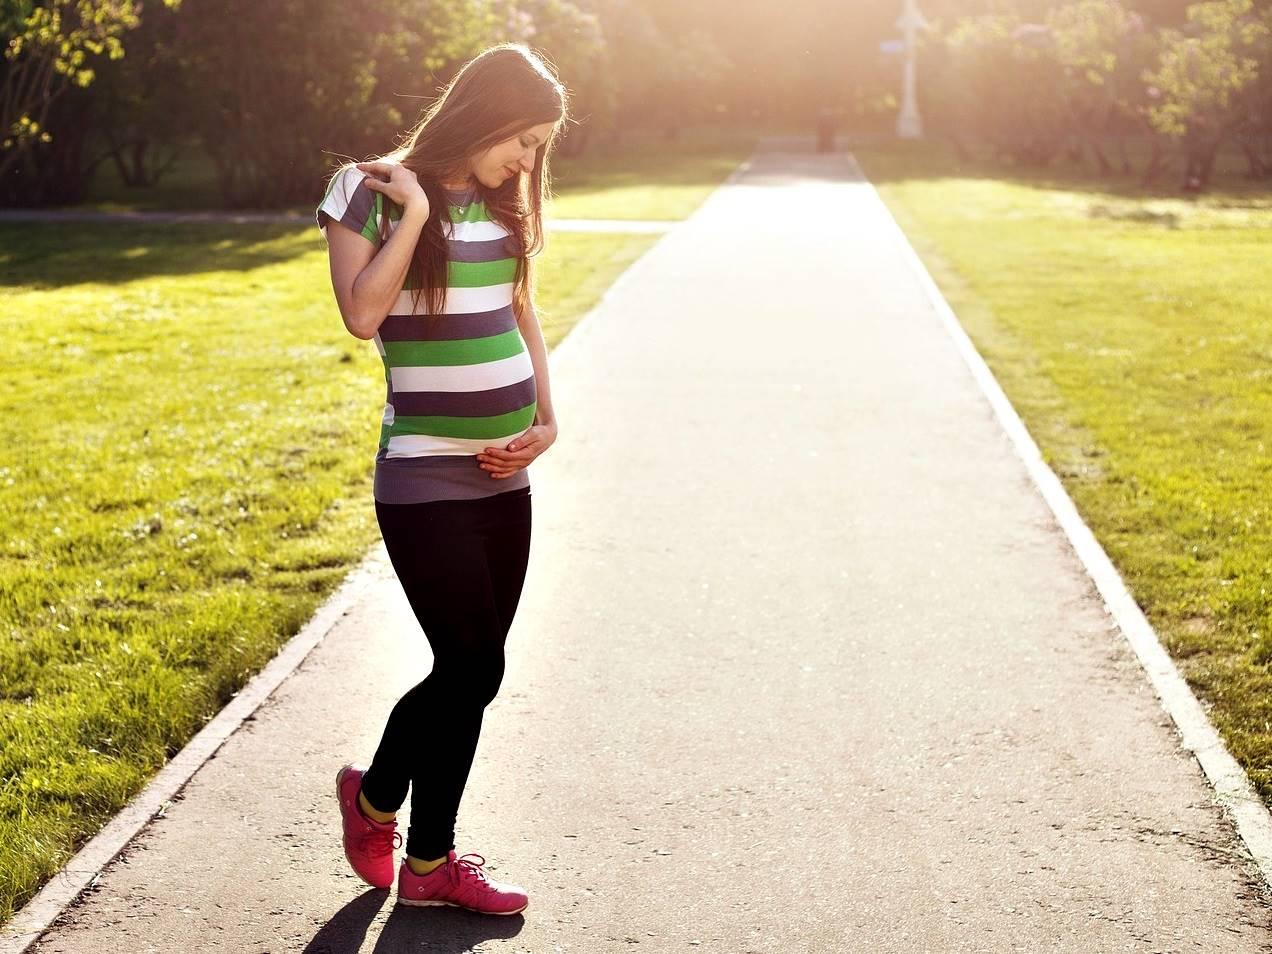 פעילות גופנית והיריון